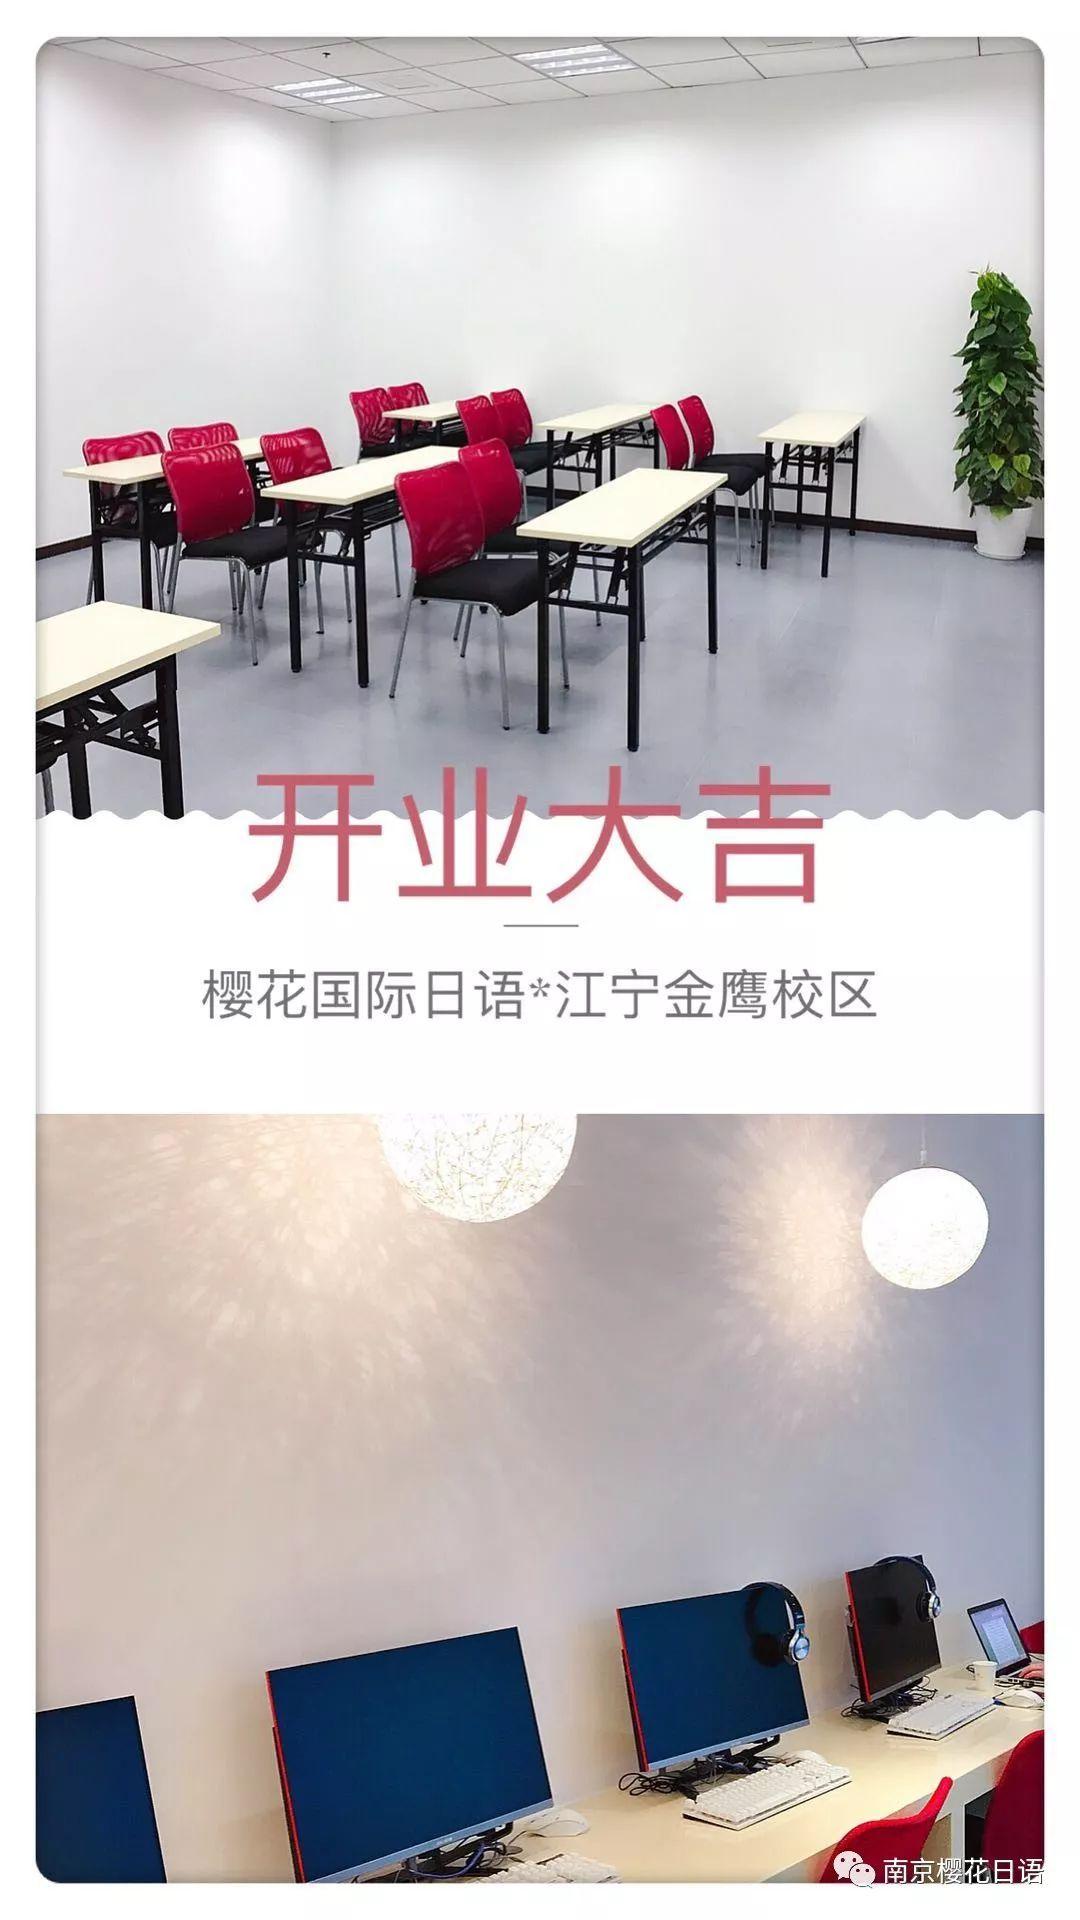 南京樱花国际日语学校